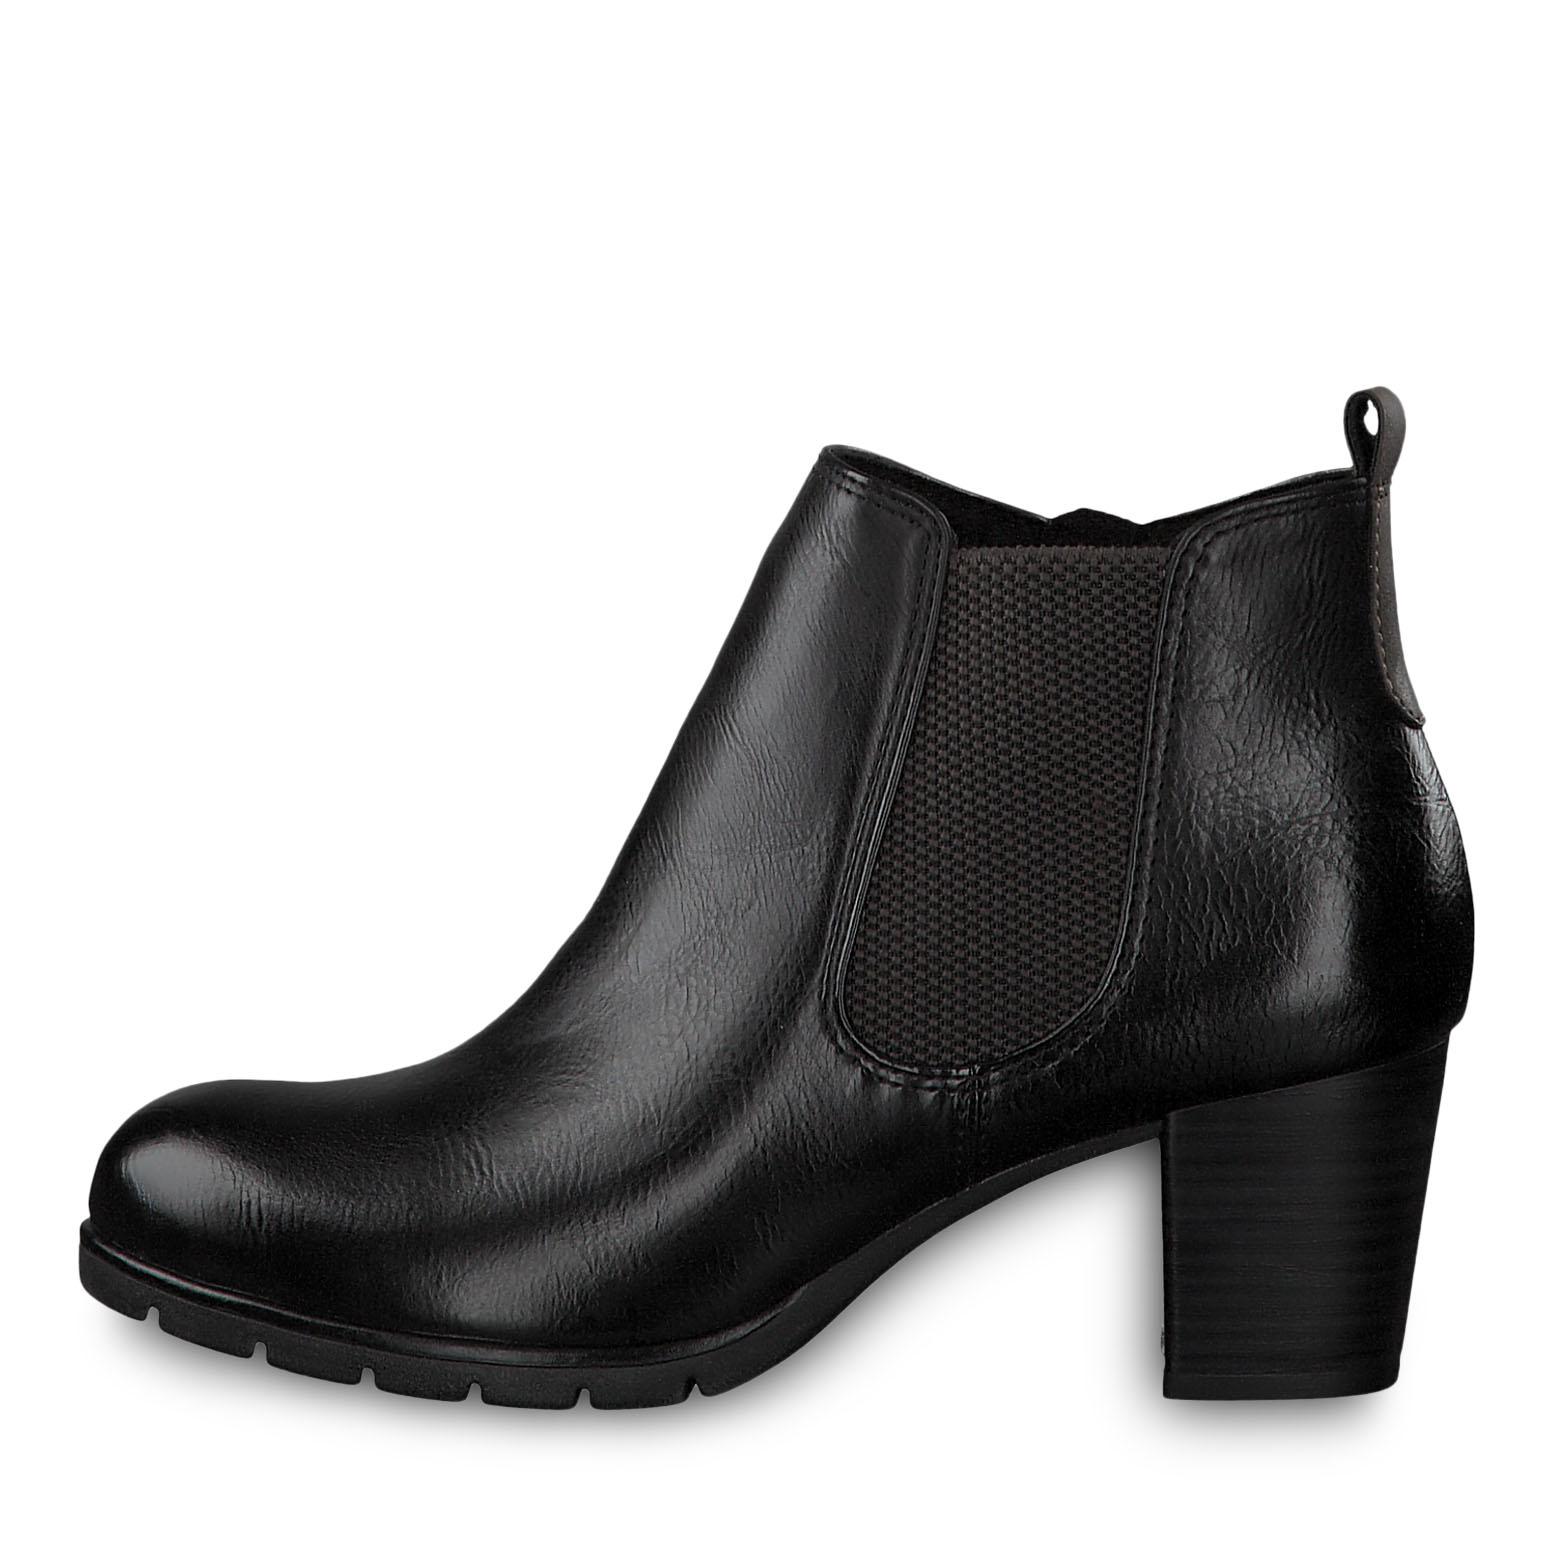 Schwarz 2 2 Stiefel Stiefel 2 Cm htsQCrd